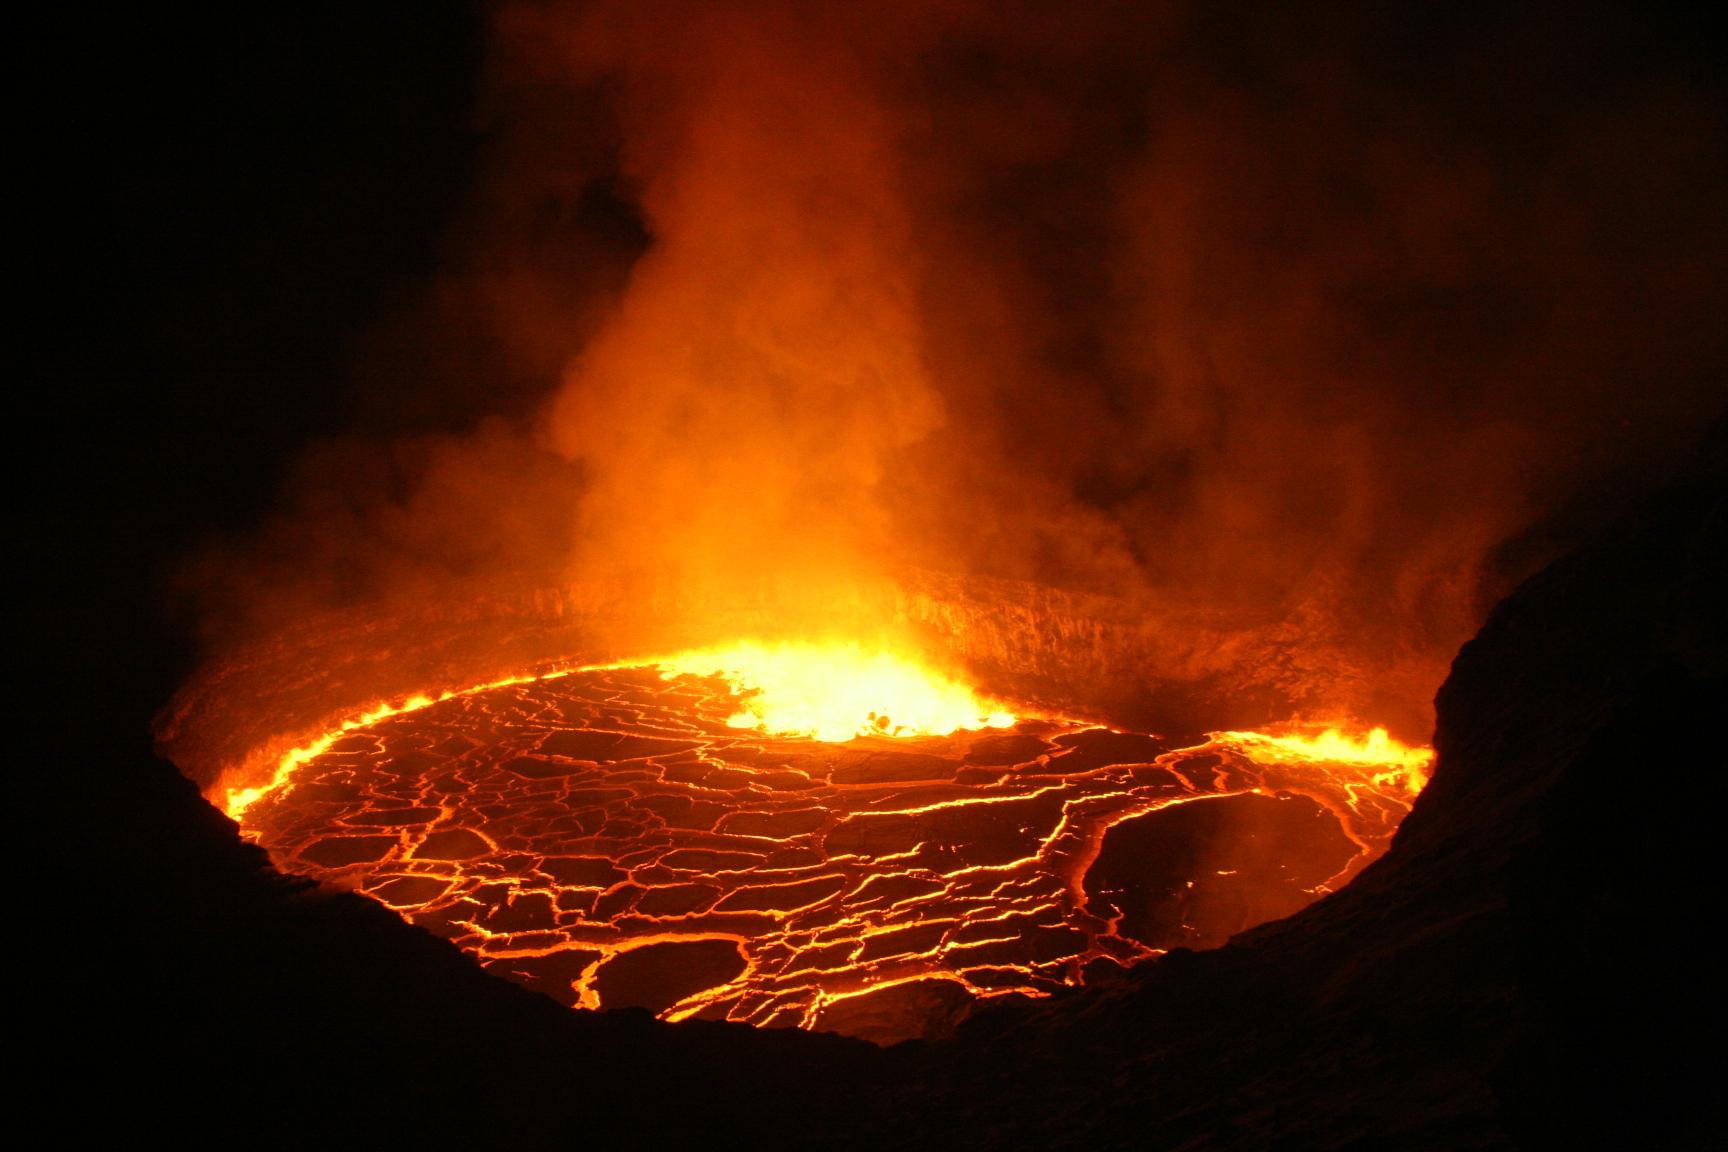 22 Decembre 2017. FR. Kilauea , Klyuchevskoy , Villarica , Popocatepetl.